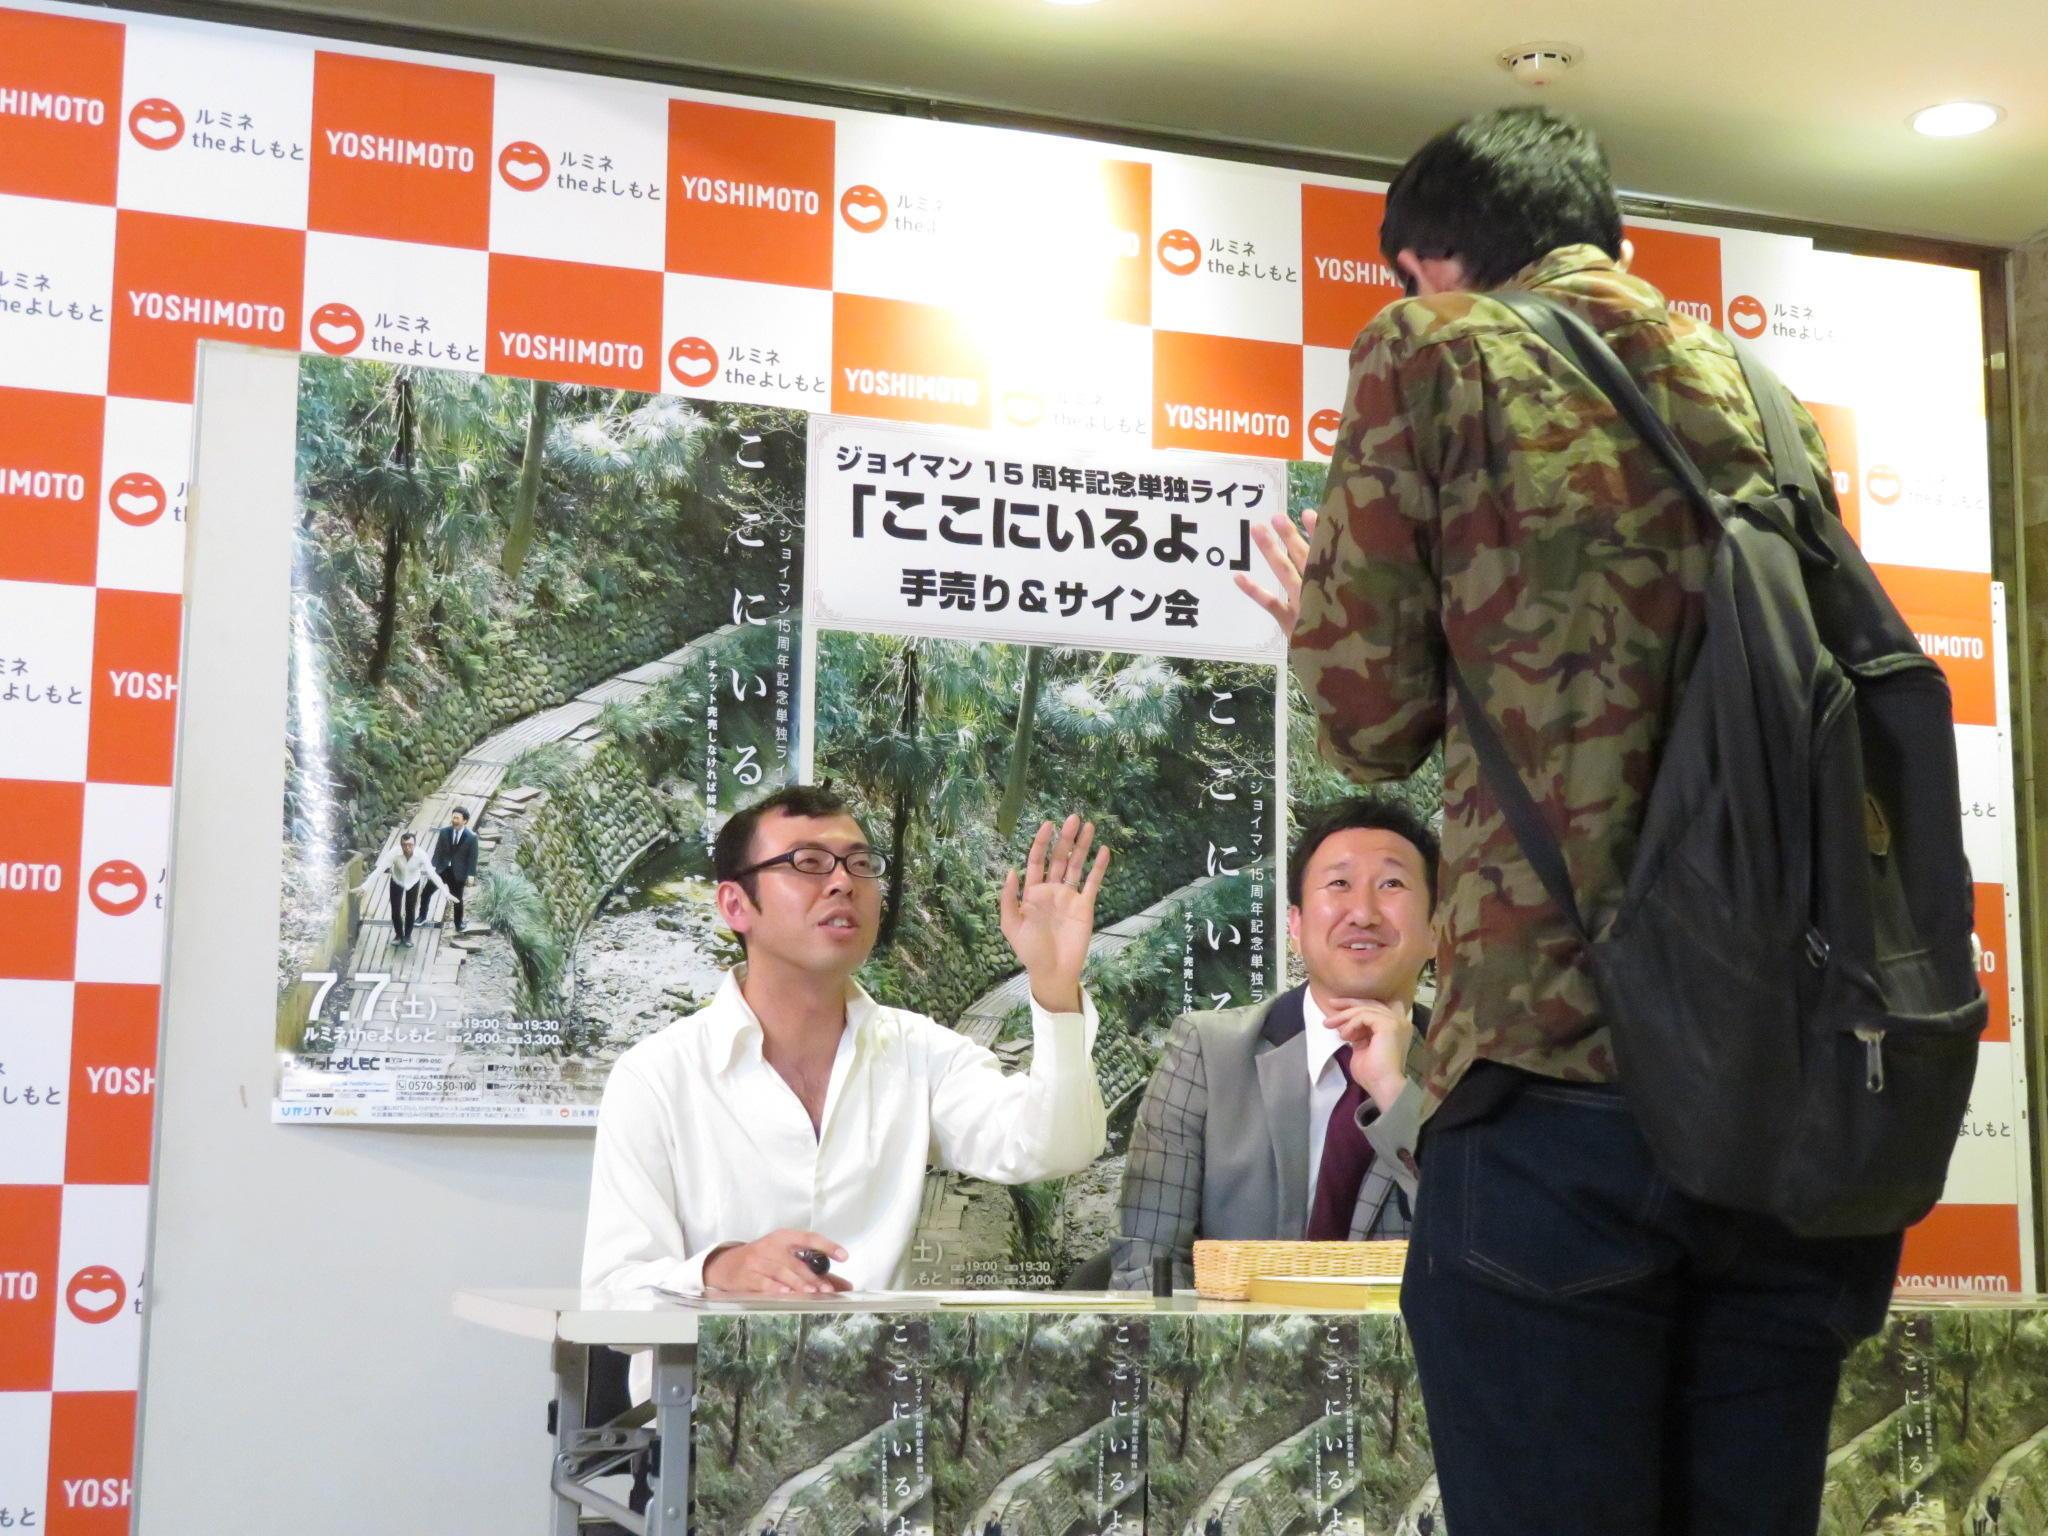 http://news.yoshimoto.co.jp/20180515004043-19ec26c95b3c17e48cd69cf53786c09d72eaab64.jpg